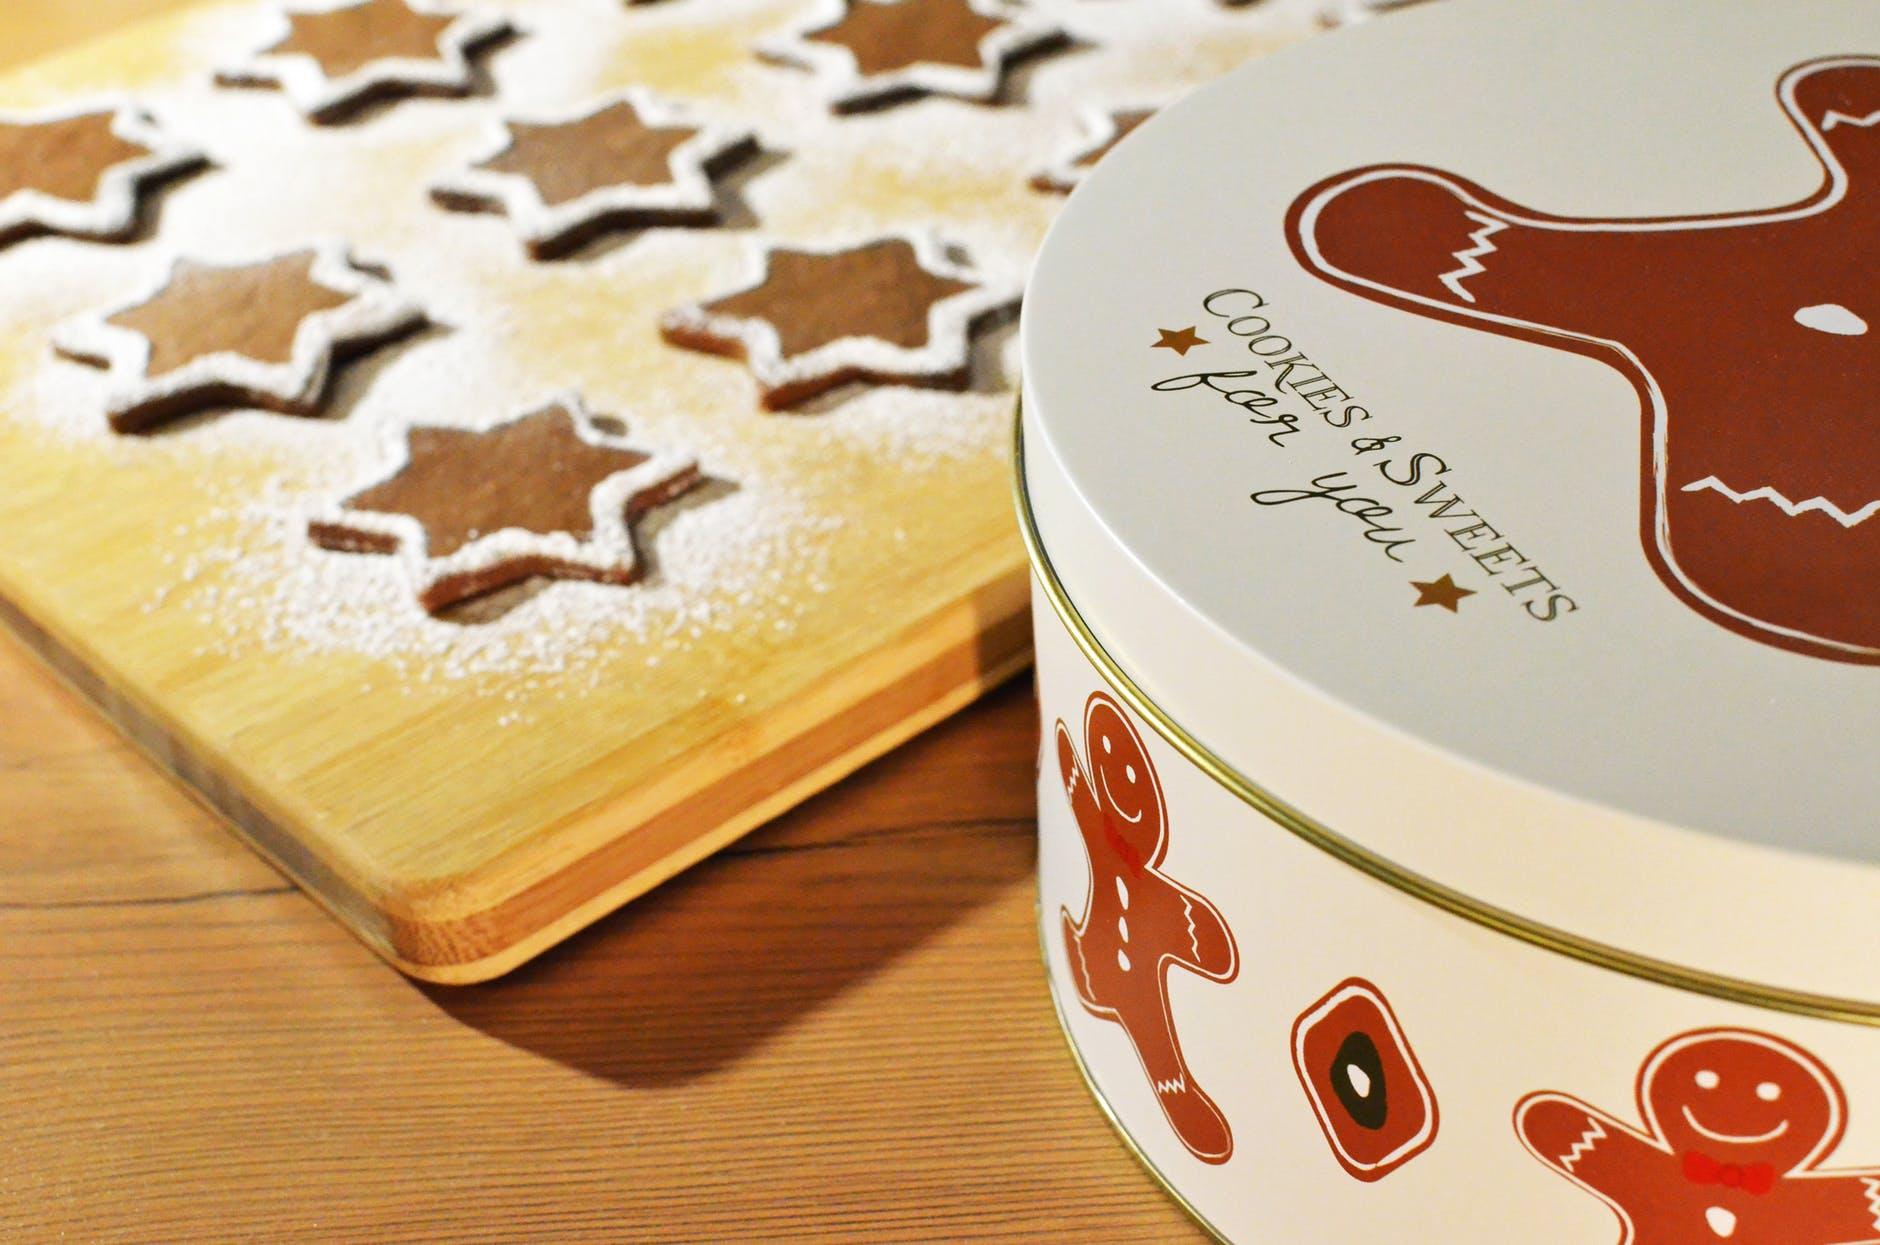 Vianočné Škandinávske koláčiky - Pepperkaker